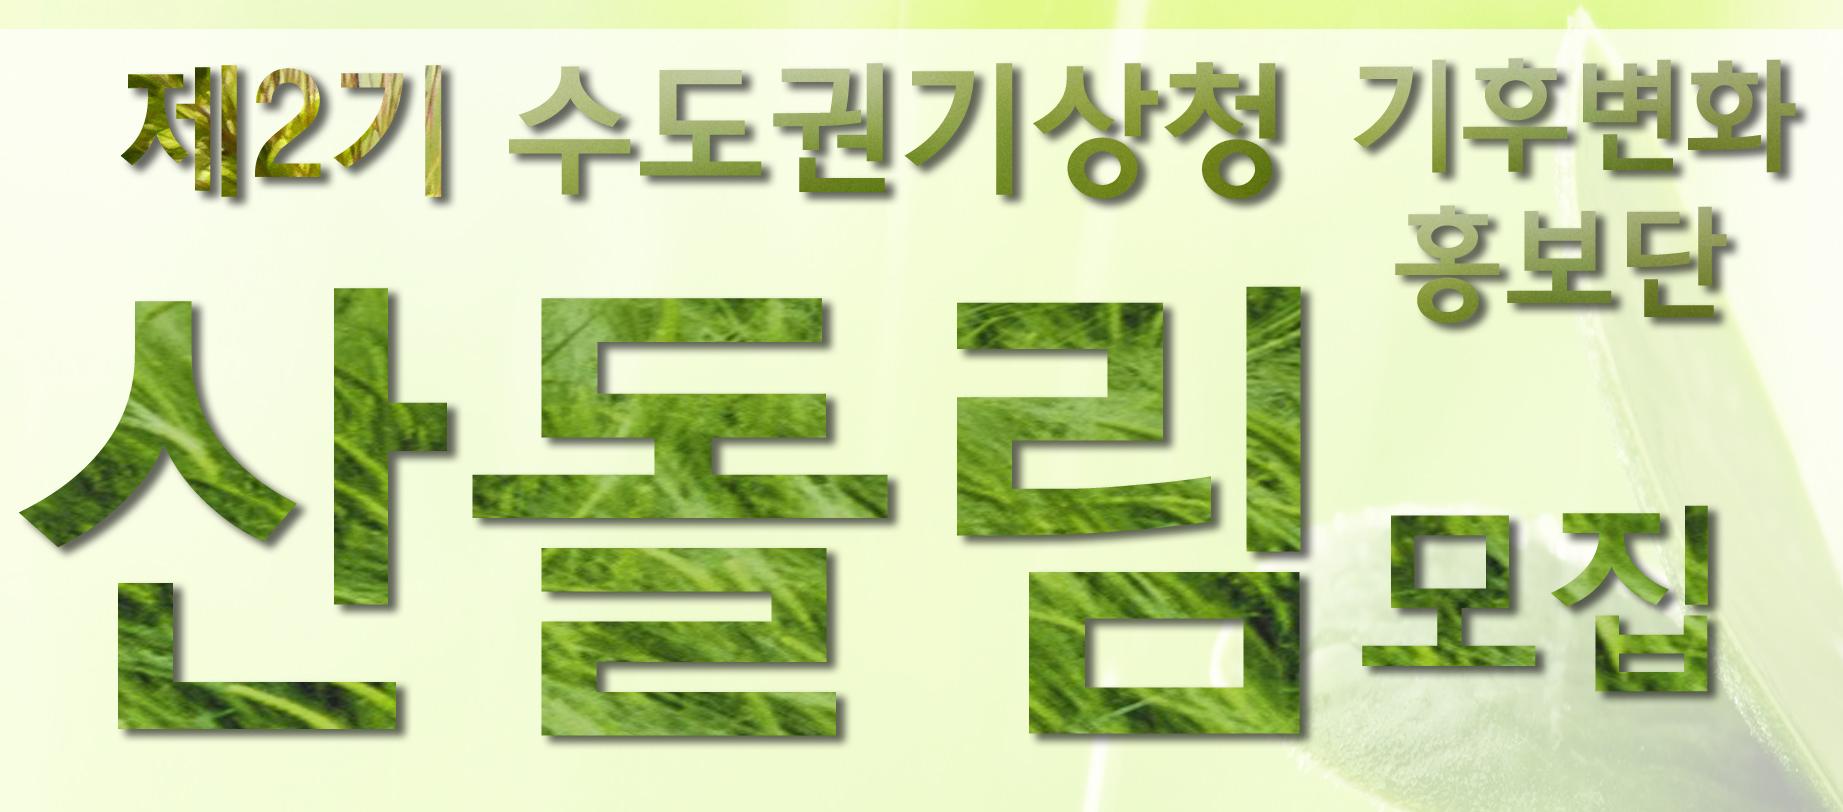 2017년도 지역기후변화 홍보단 제2기 수도권기상청 산돌림모집